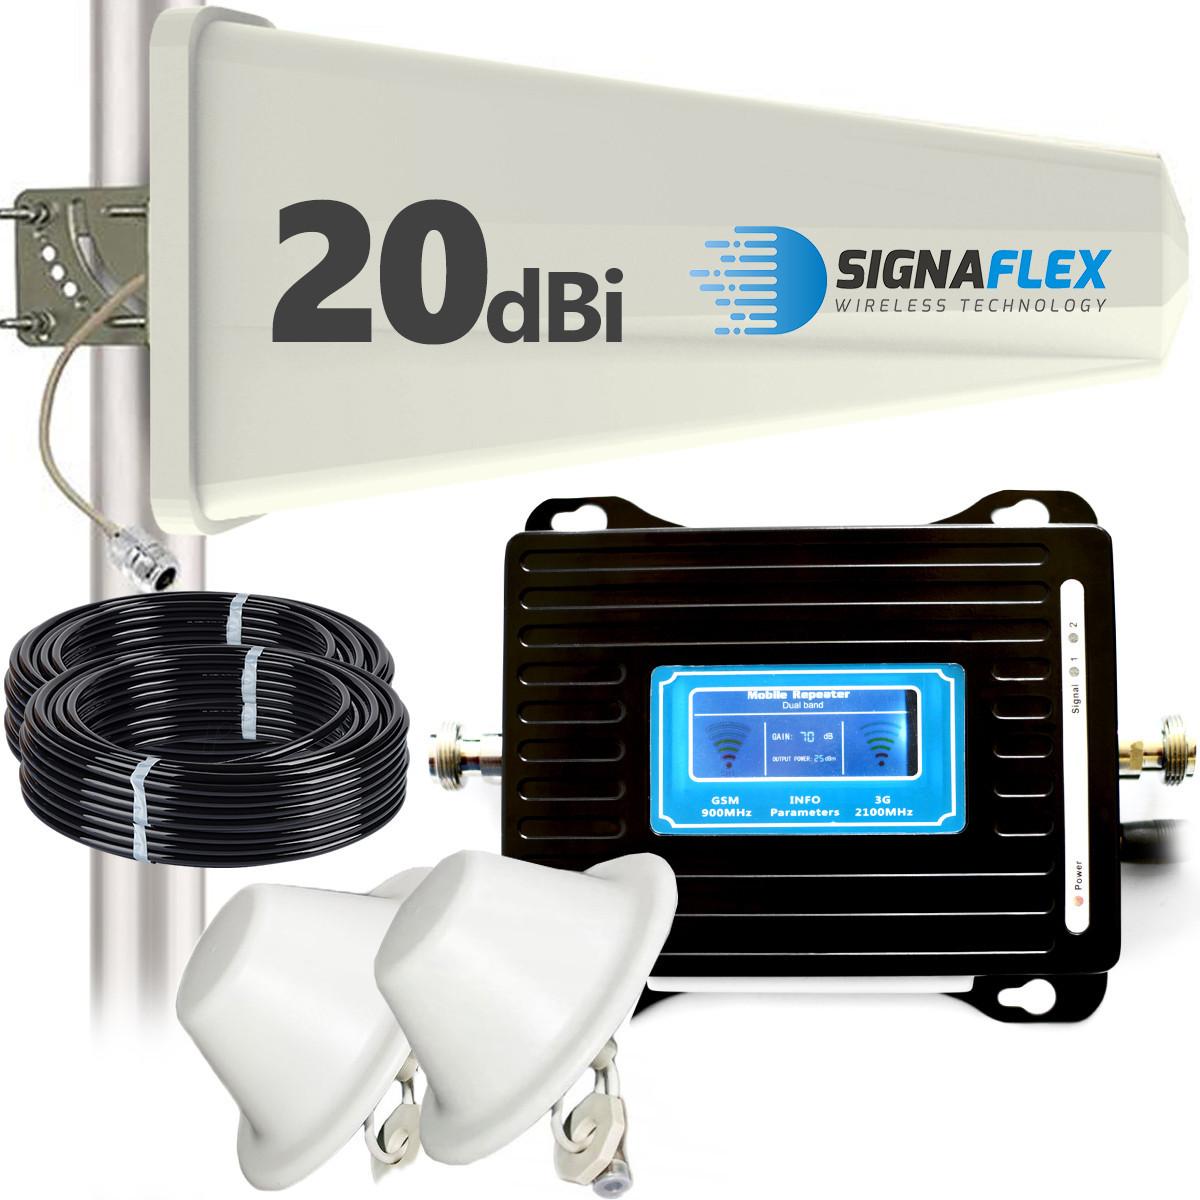 Wzmacniacz GSM/UMTS LCD3000 z wbudowaną anteną + Tajfun + grzybek